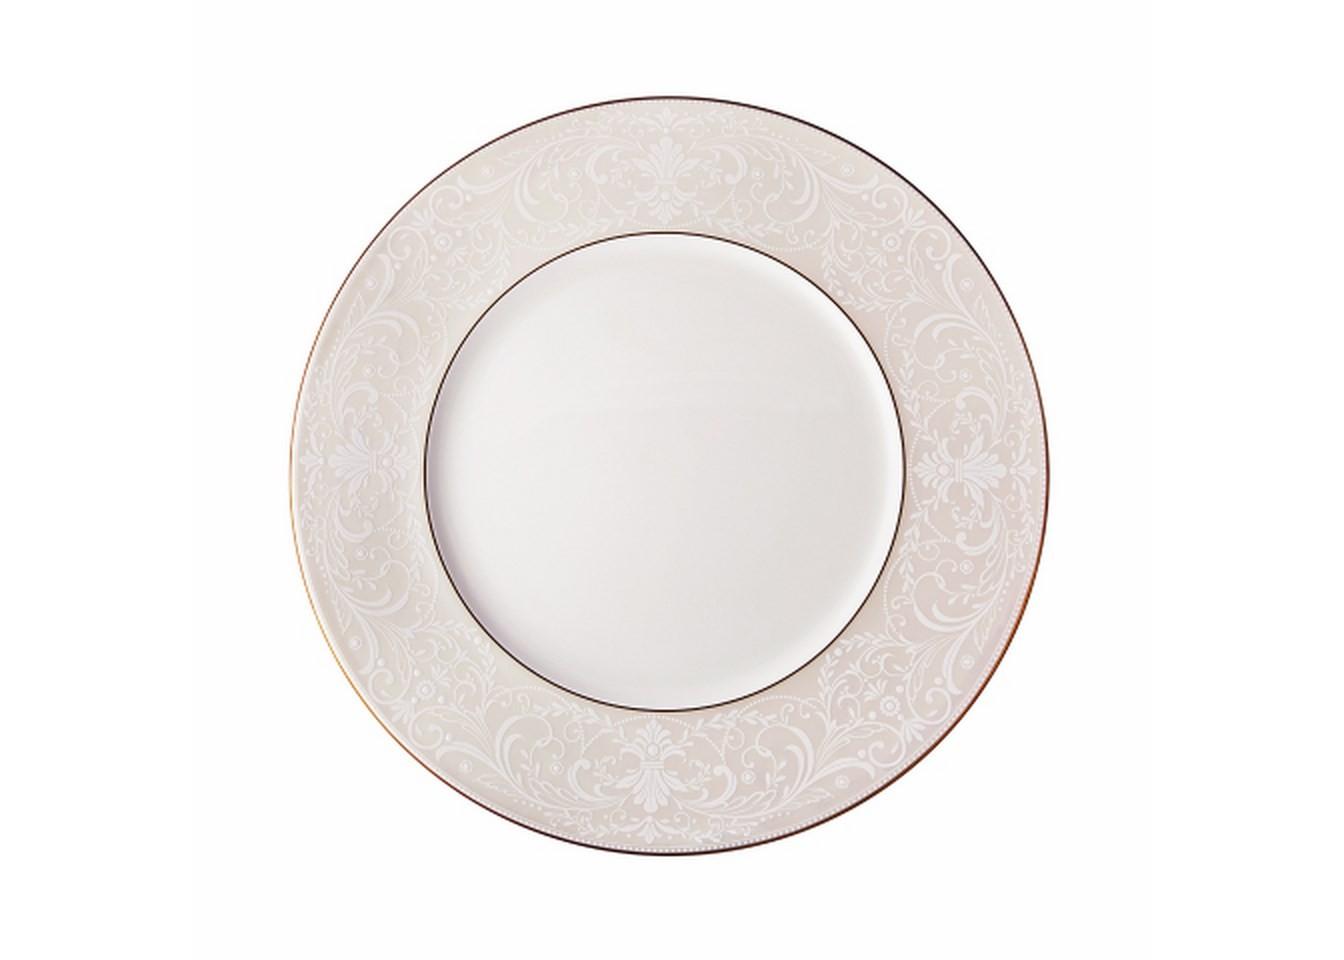 Тарелка обеденнаяТарелки<br>MIKASA по праву считается одним из мировых лидеров по производству столовой посуды из фарфора и керамики. Сегодня бренд сотрудничает со многими известными дизайнерами, работающими для лучших фабрик мира, и использует самые передовые технологии в производстве посуды. Все продукты бренда  MIKASA безупречны с точки зрения дизайна и исполнения. Благодаря огромному стилистическому разнообразию каждый может выбрать для себя подходящую коллекцию.<br><br>Material: Керамика<br>Diameter см: 27